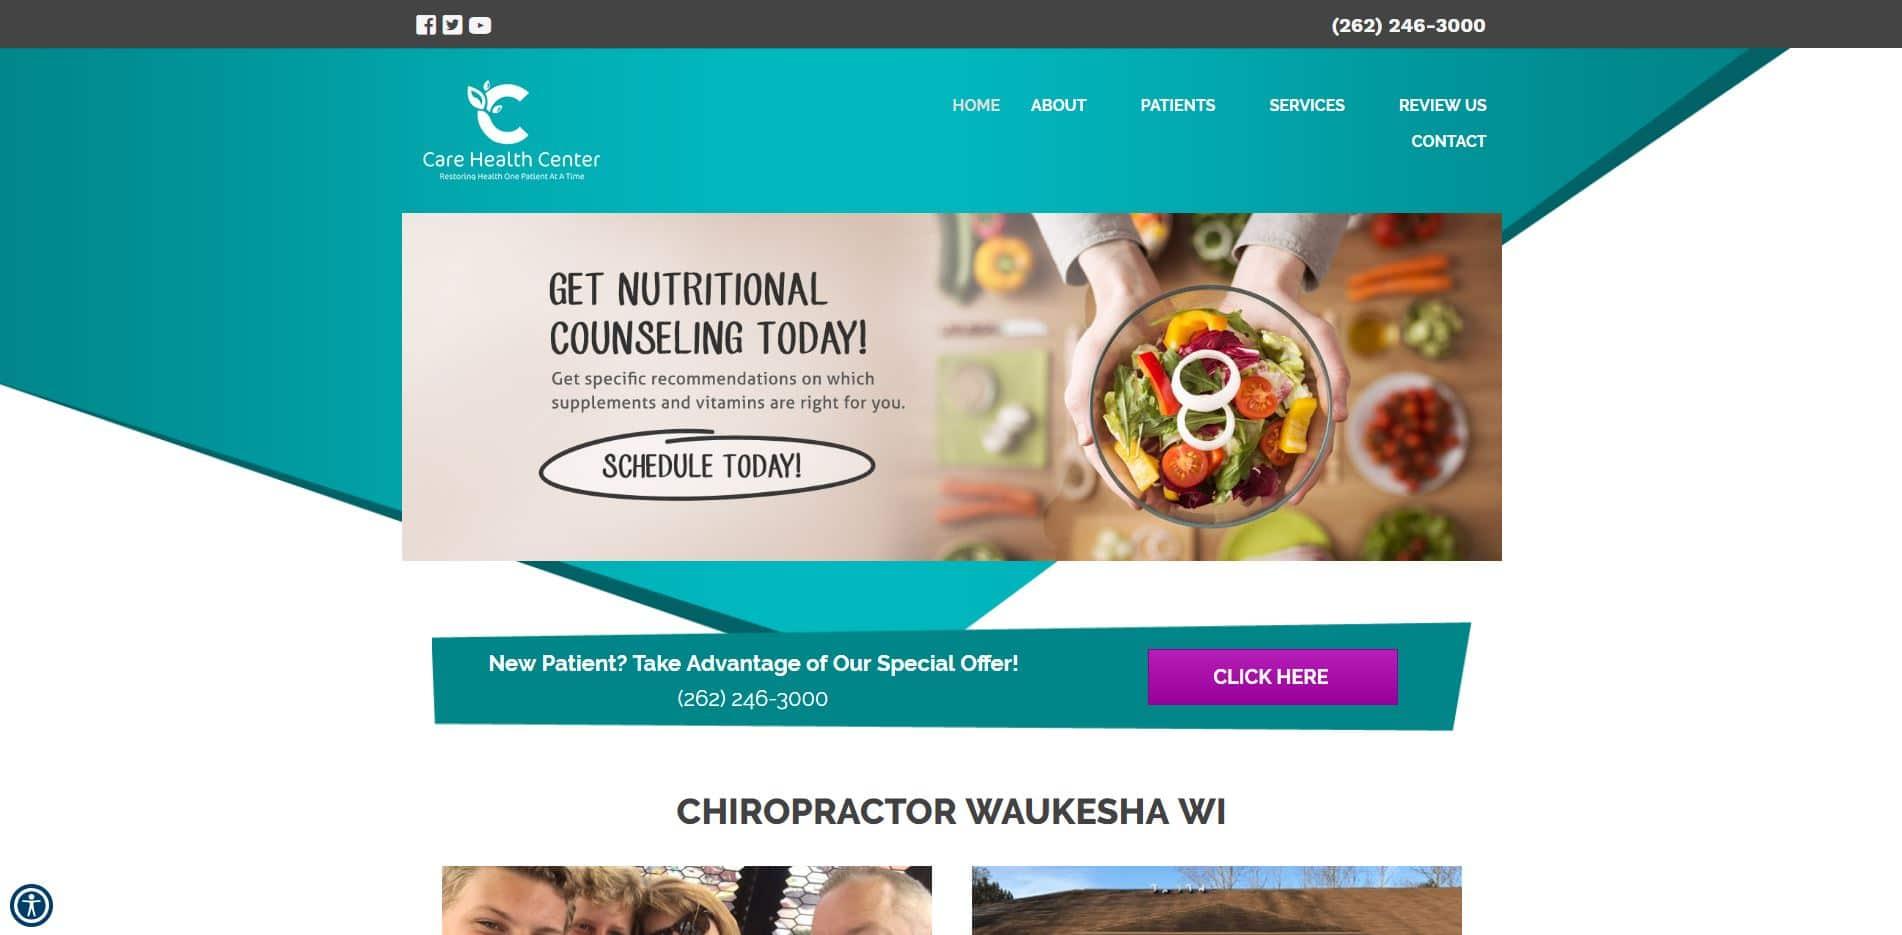 Chiropractor in Waukesha